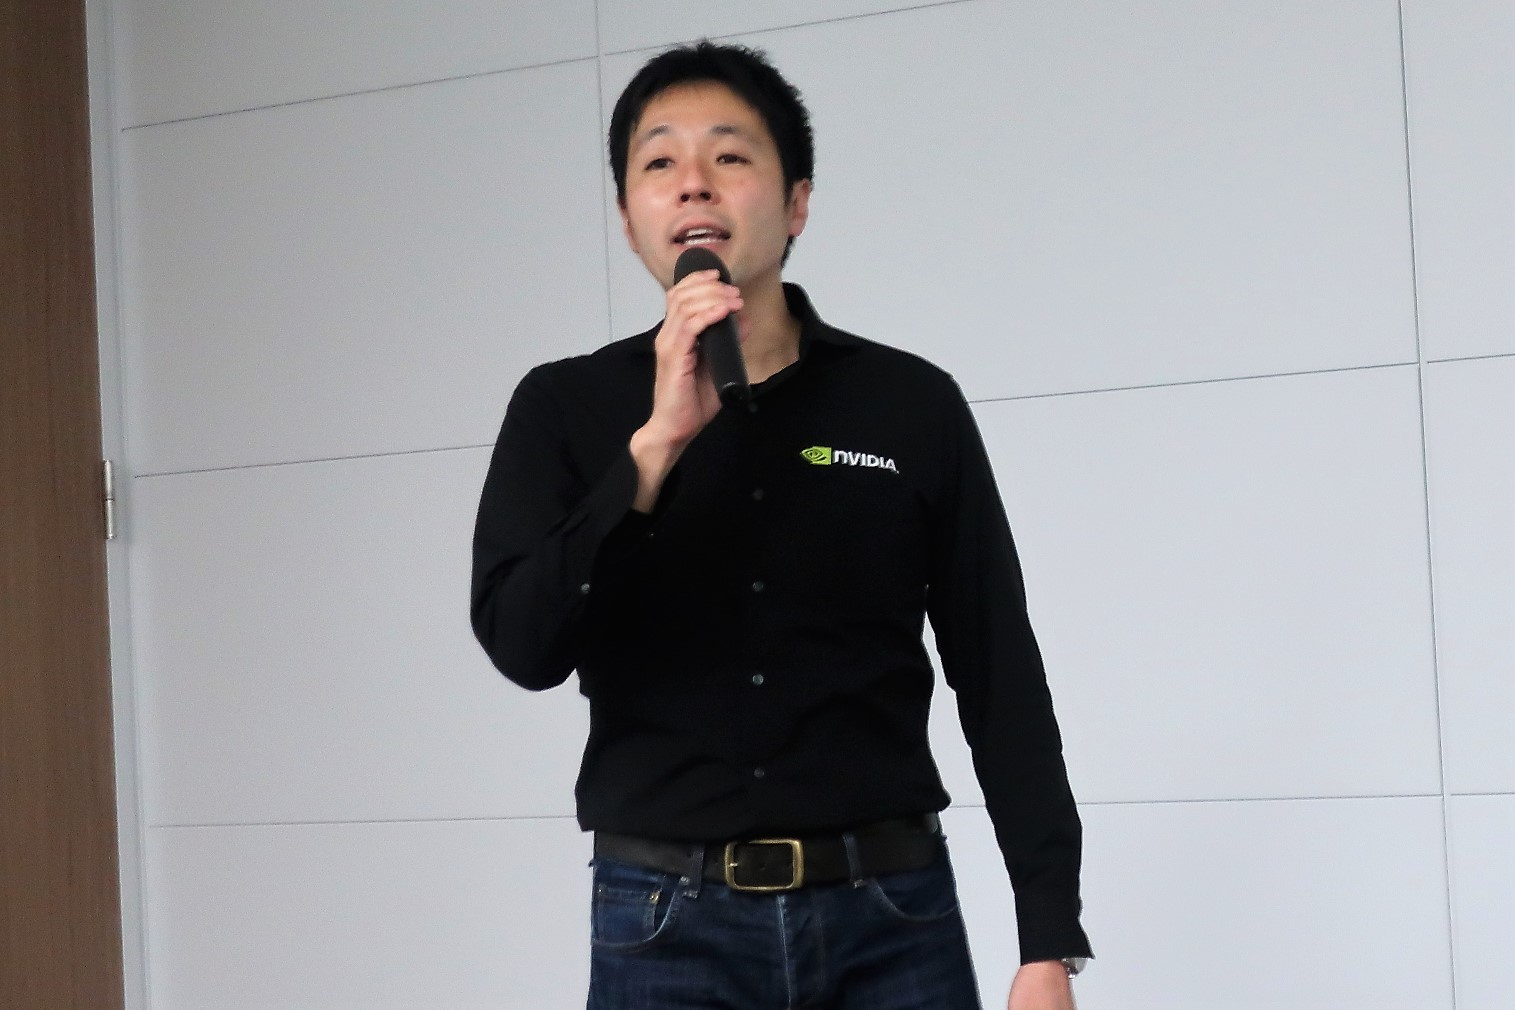 エヌビディア合同会社 インダストリー事業部 シニアマネージャー 鈴木紀行氏